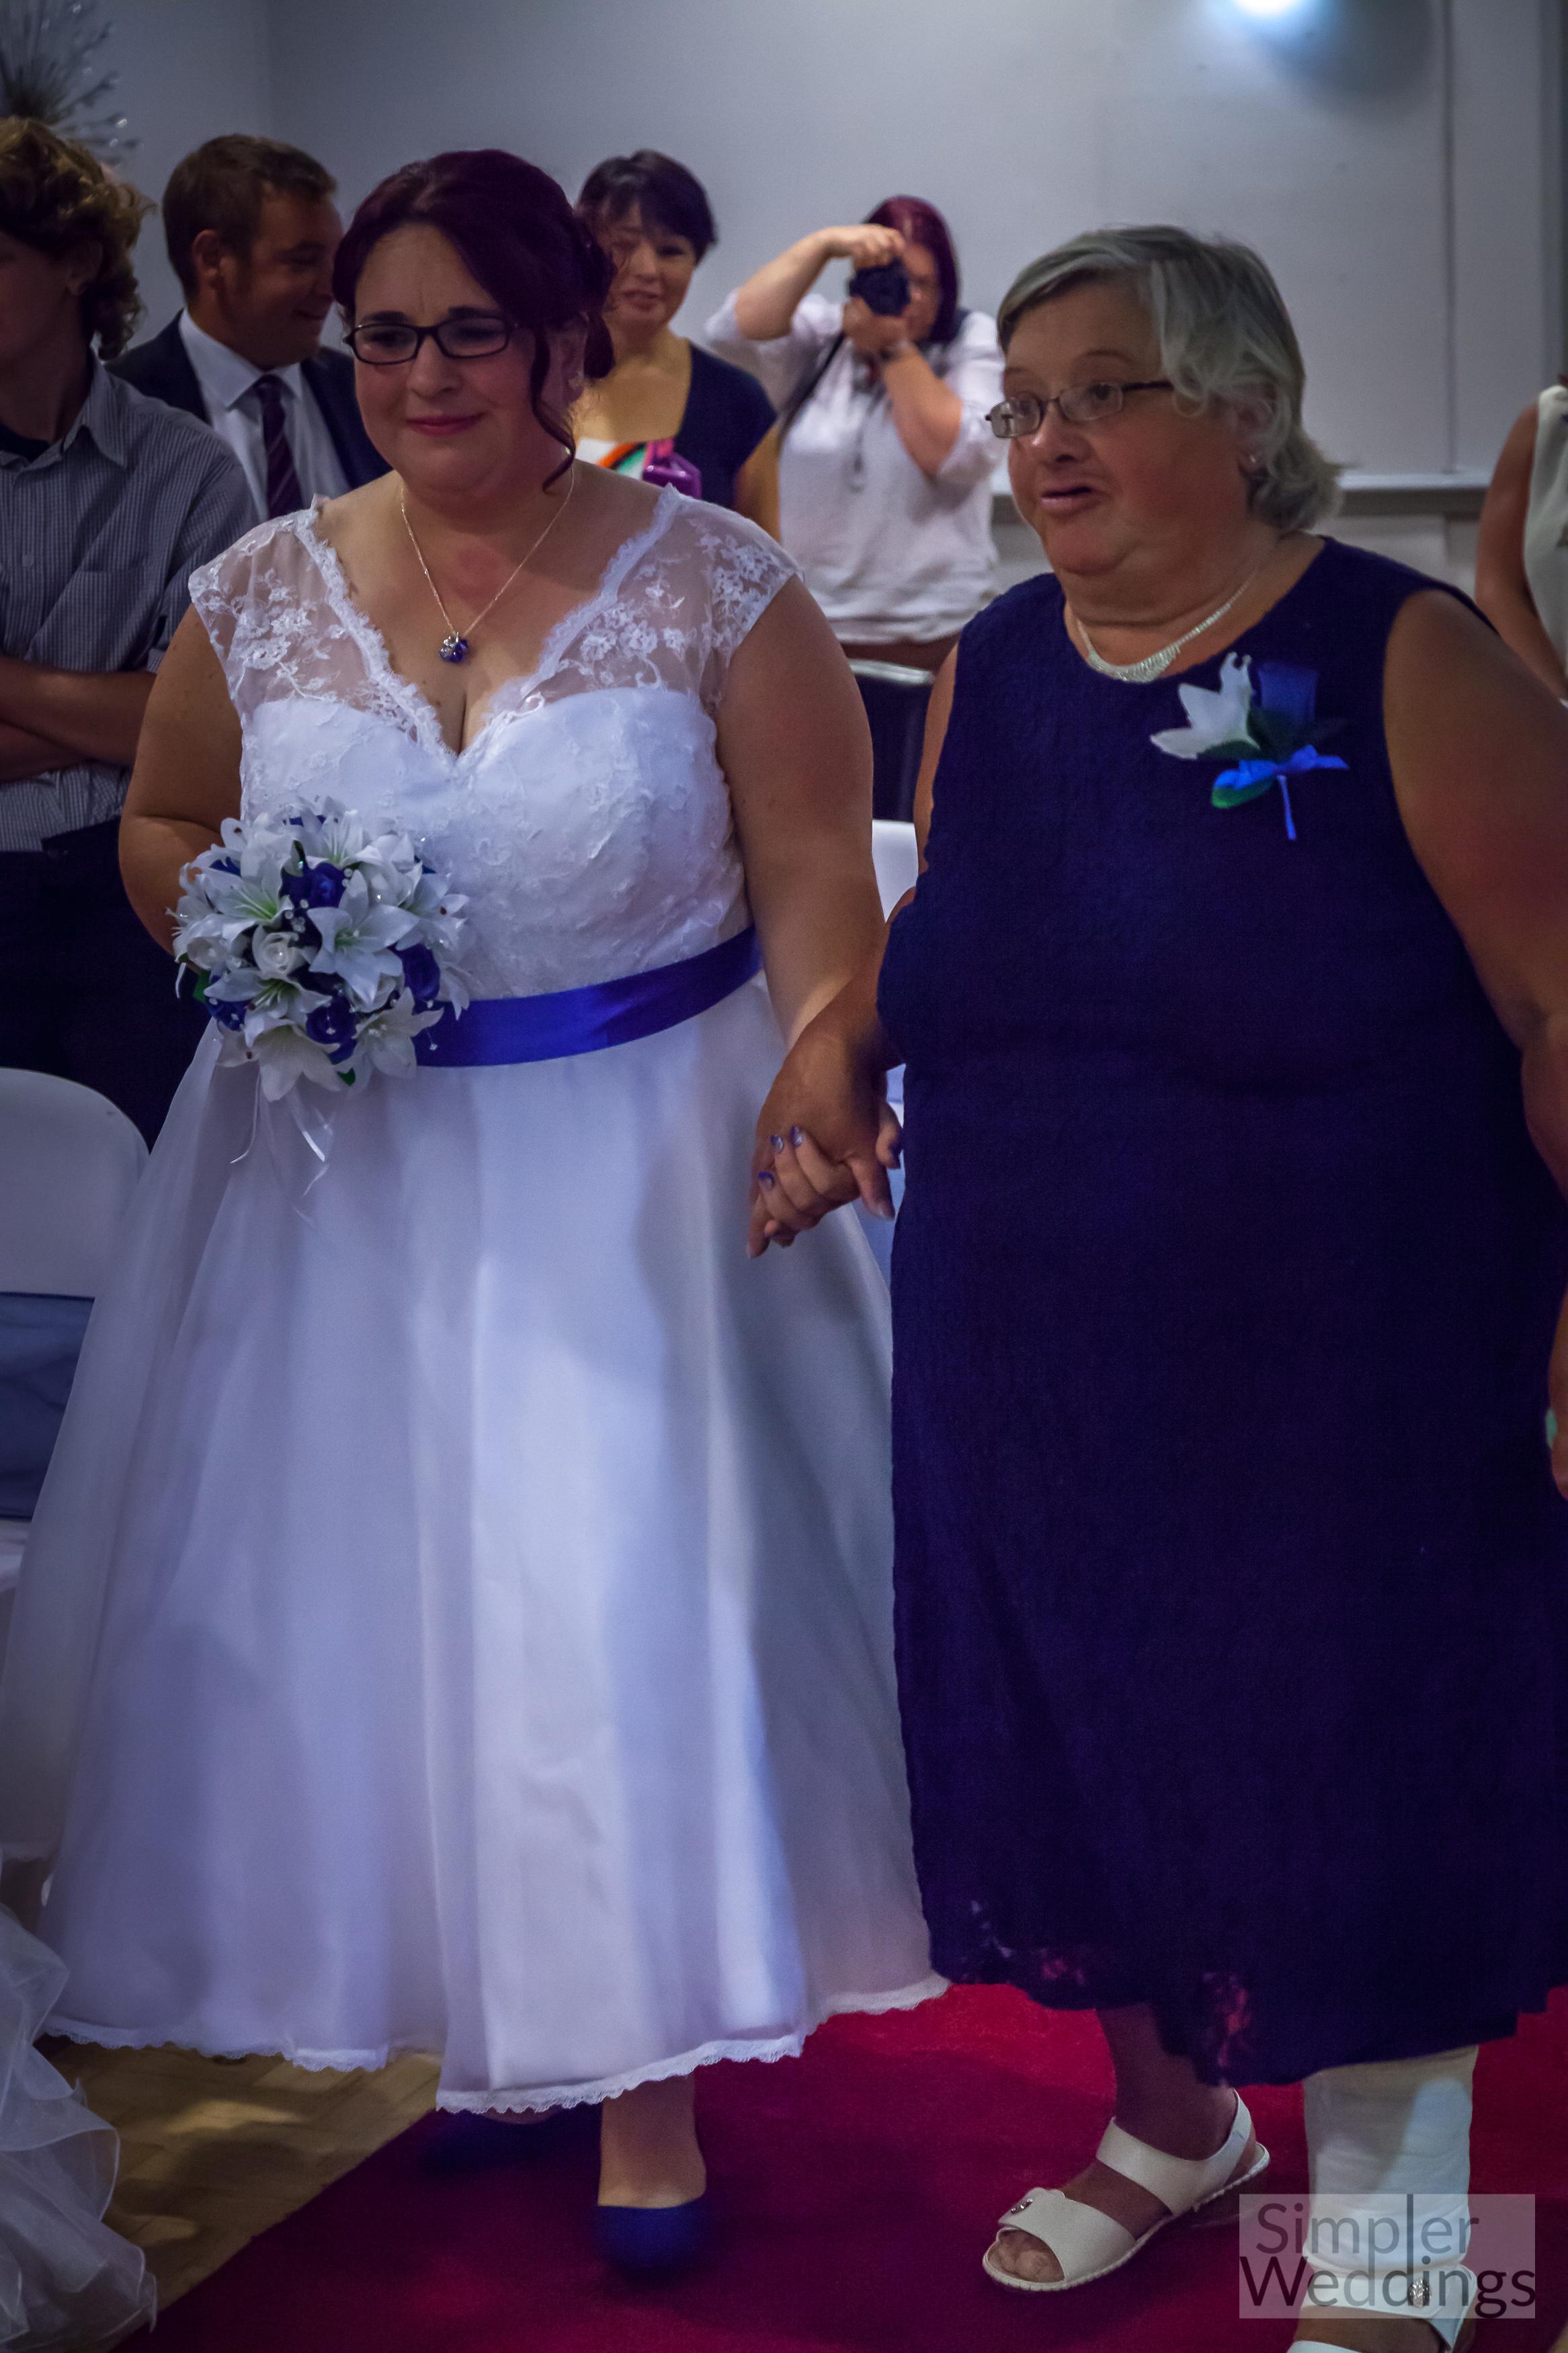 simpler-weddings-32.jpg